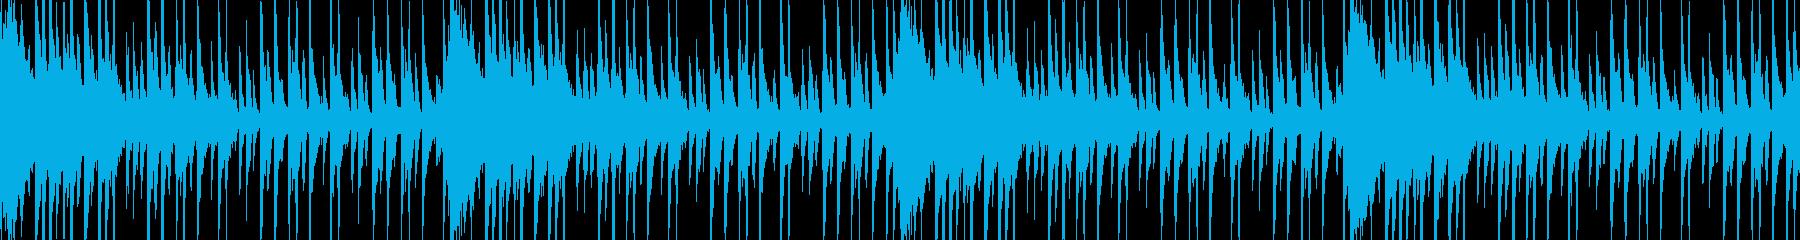 和風軽快なドラムのループBGMの再生済みの波形